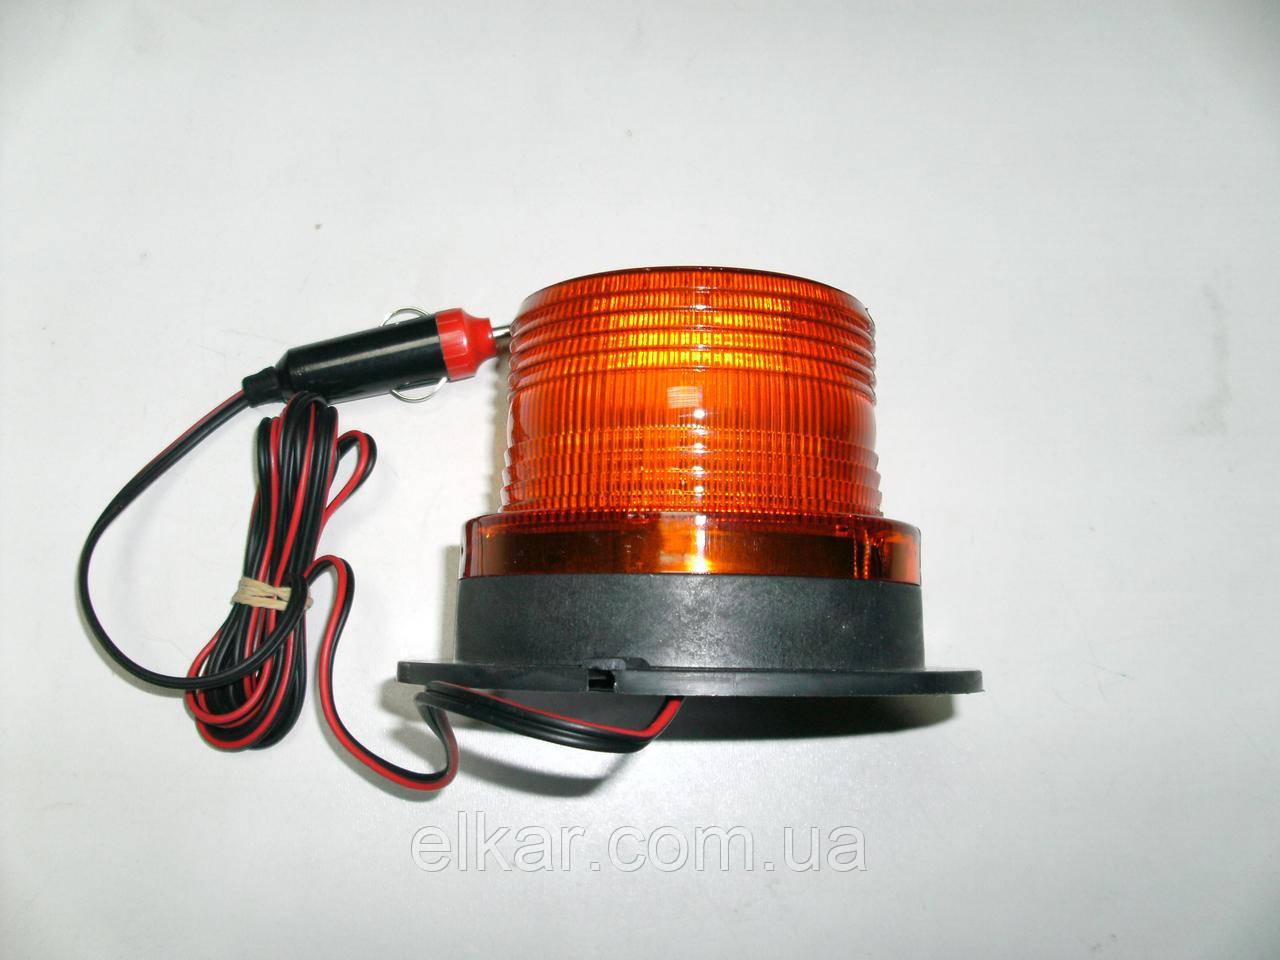 Ліхтар проблисковий (магнітний) h=87мм,Ø=129мм 12-24В LED TR-11